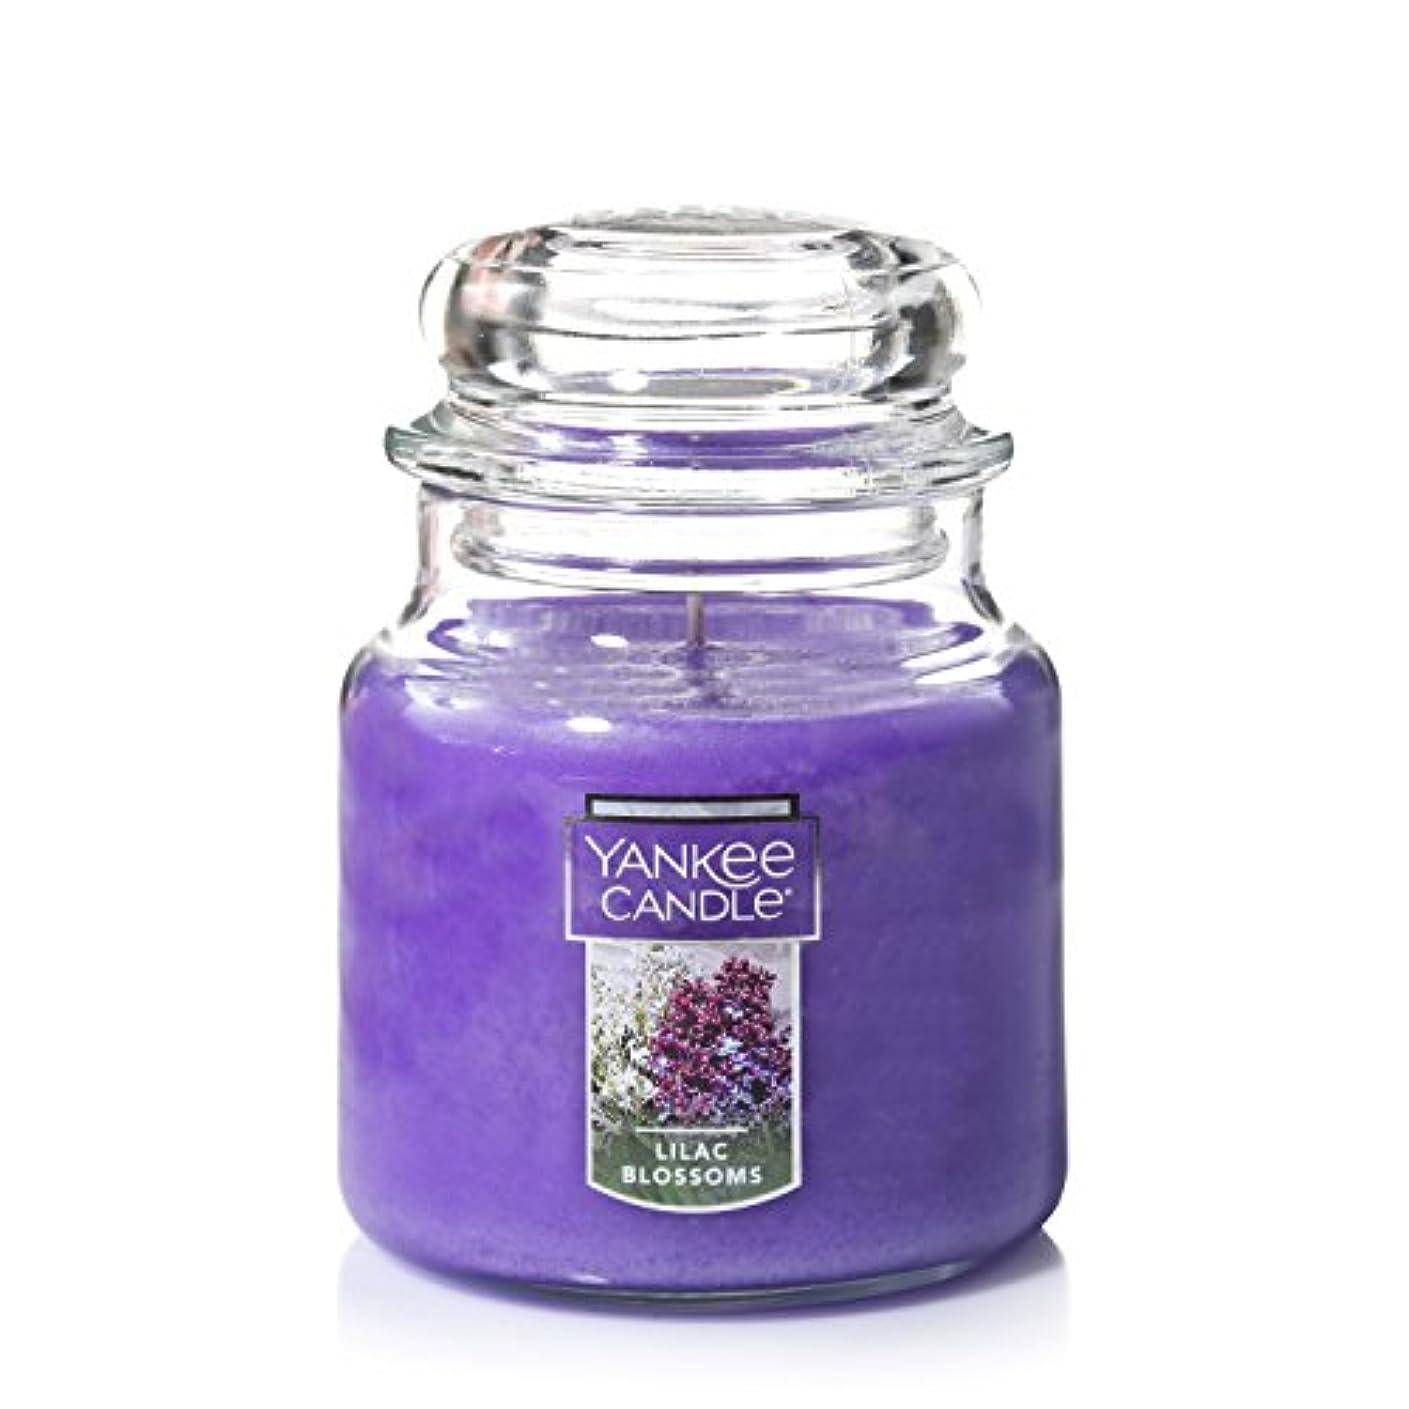 地域のペダルこだわりYankee CandleライラックBlossoms Medium Jar 14.5oz Candle One パープル 1006996